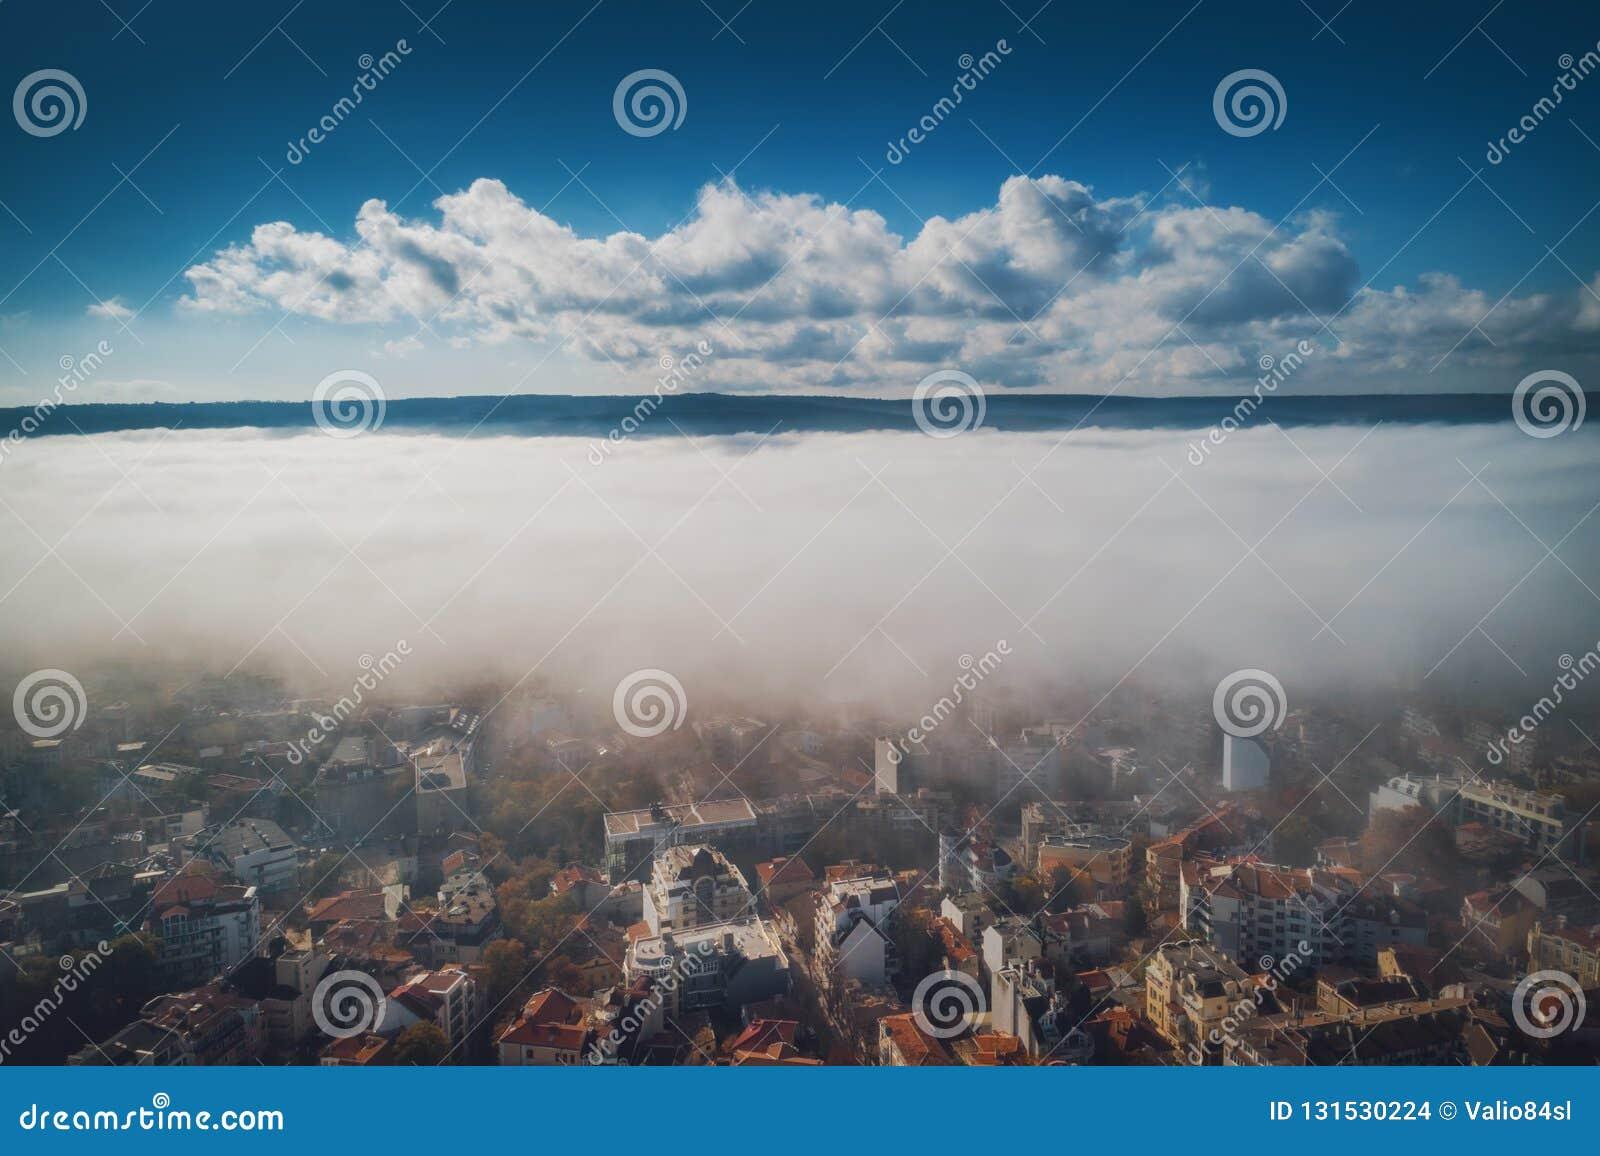 Lucht de hommelmening van Varna, Bulgarije Mooi panorama van de stad van Varna met ochtendmist